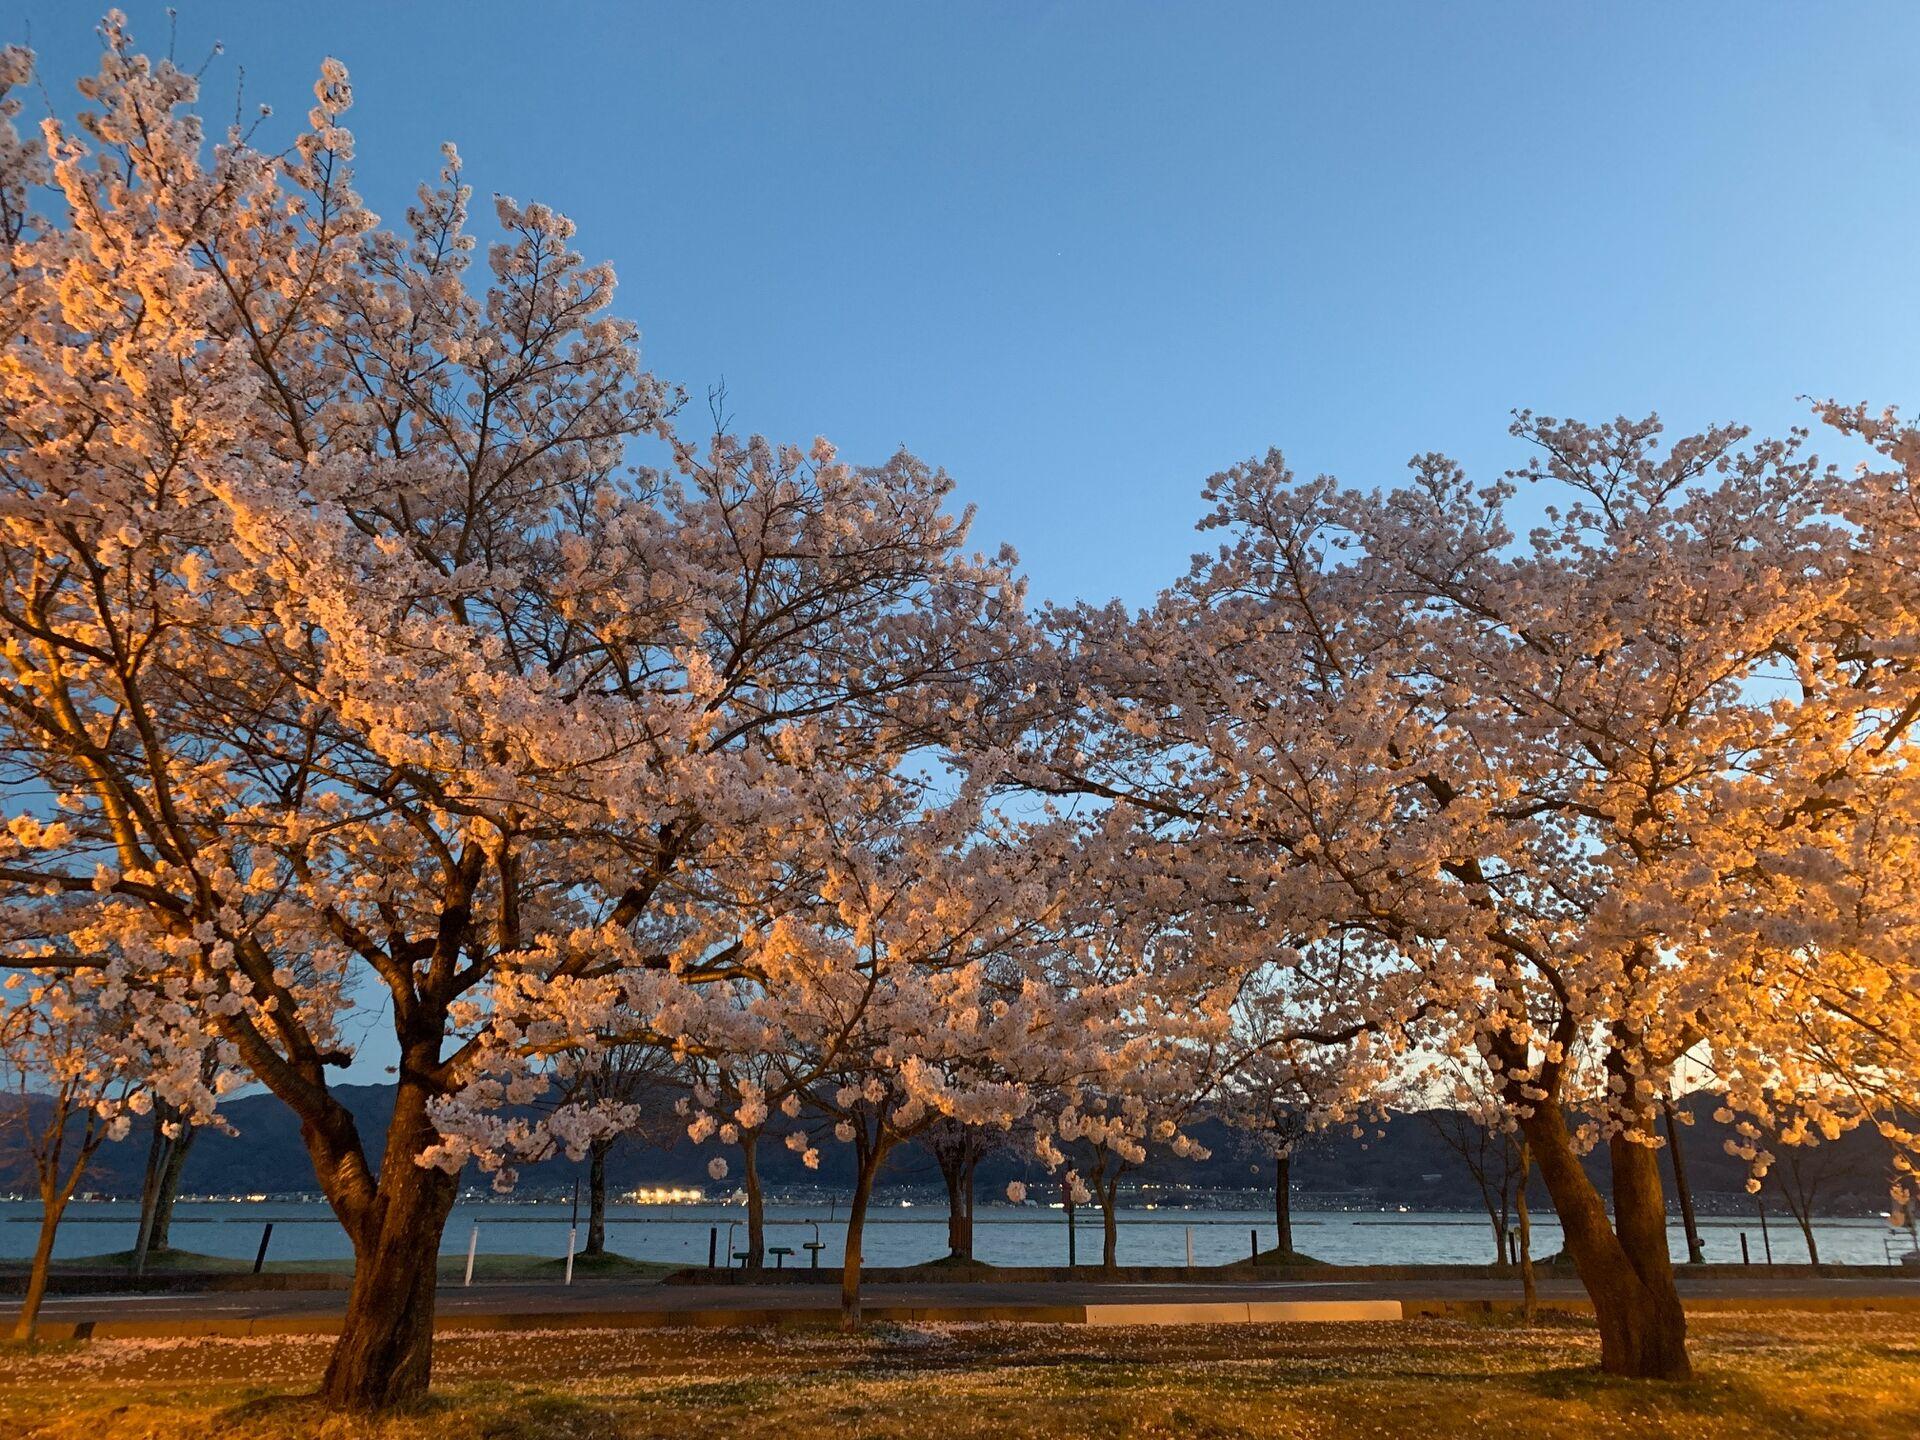 諏訪湖周辺の桜が満開でした | セミナーやサービスに関する情報を公開 ...